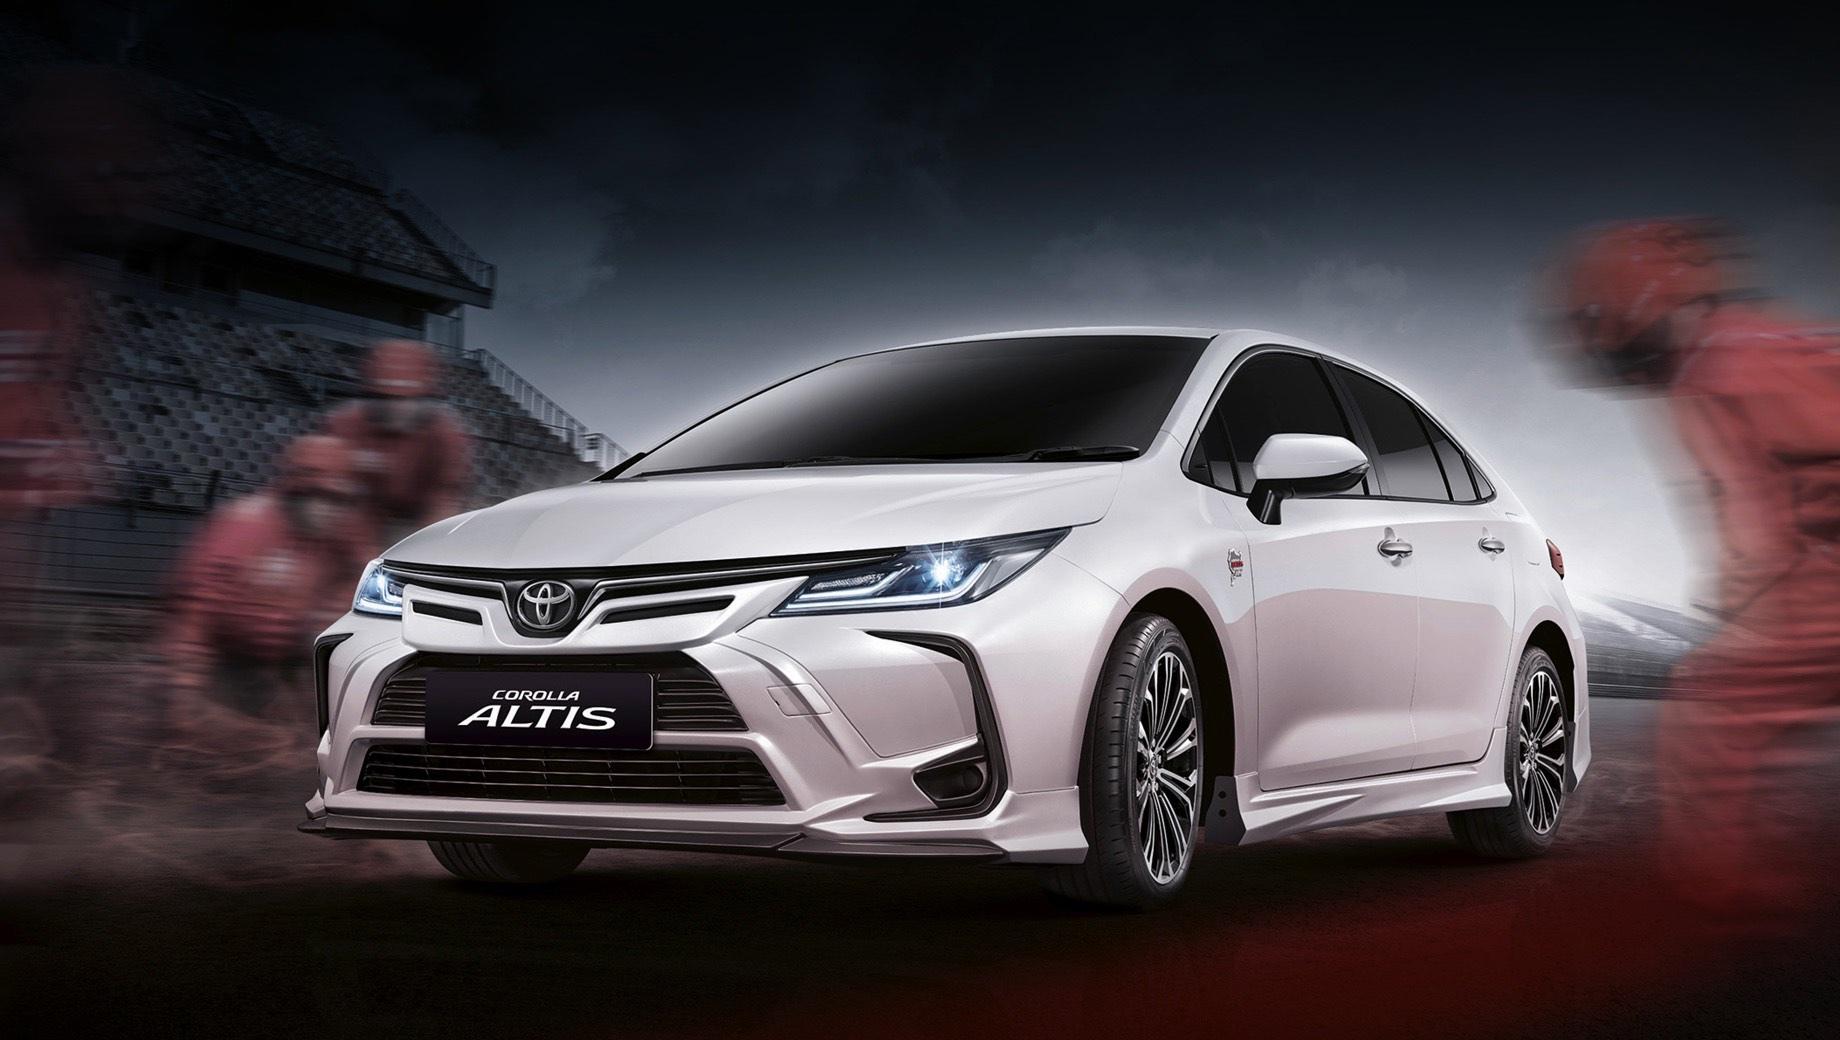 Toyota corolla,Toyota corolla altis. Corolla Altis хоть и производится в Таиланде, мало чем отличается от привычной Короллы (E210). О наличии пакета говорит аэродинамический обвес, который тайцы называют «передней, боковыми и задней юбками», а также шильдики с надписью «Corolla Altis Nurburgring 24» на передних крыльях.